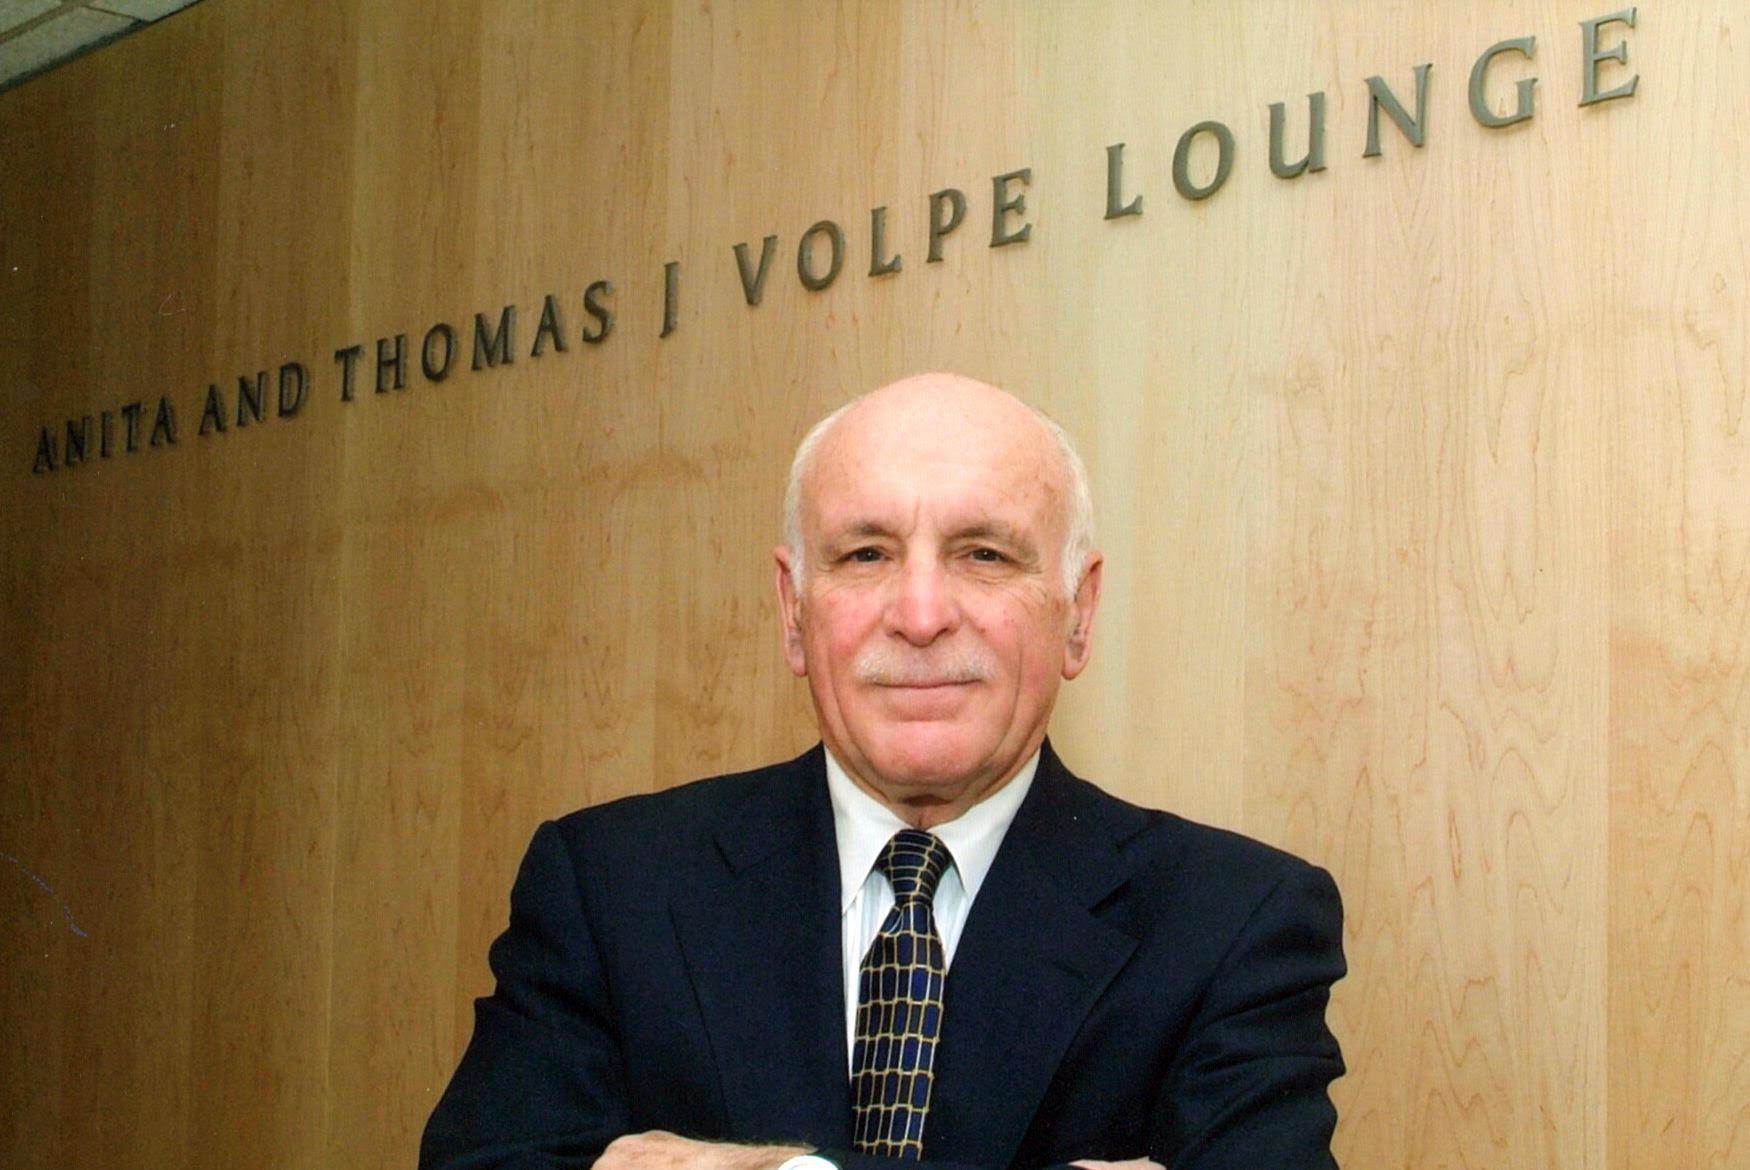 Thomas Volpe